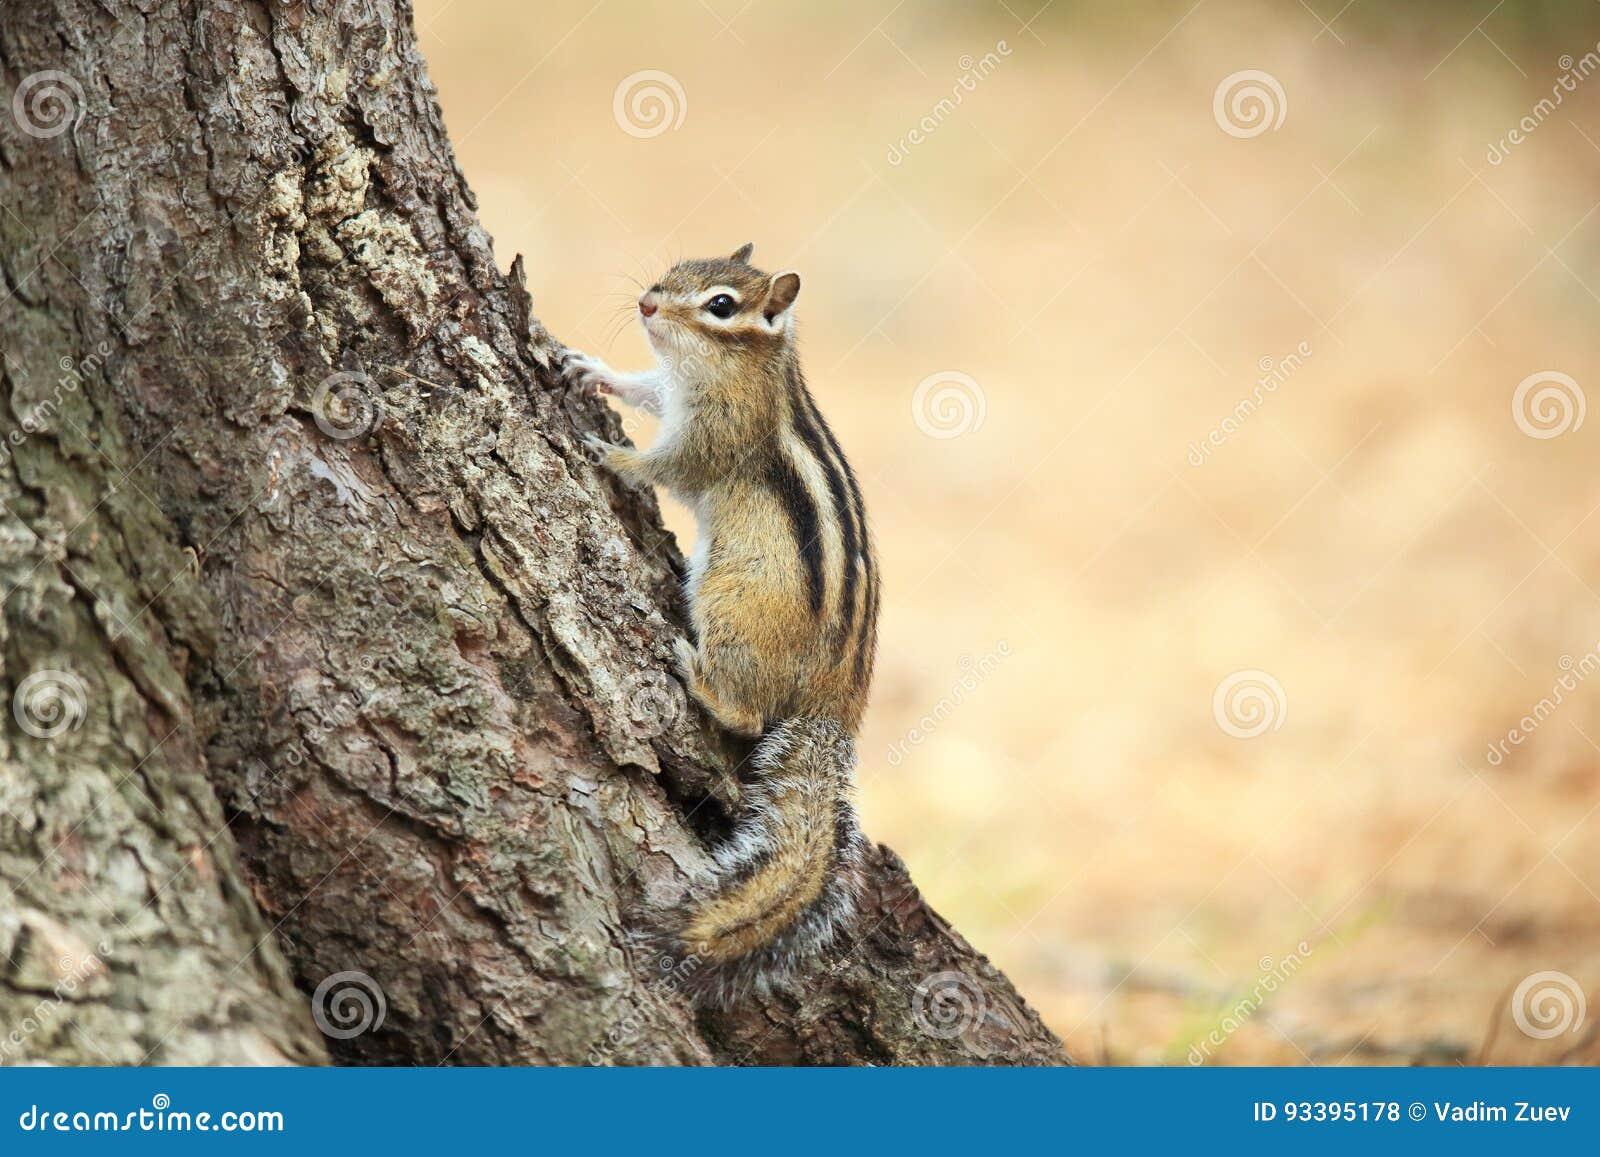 De aardeekhoorn zit dichtbij de boom